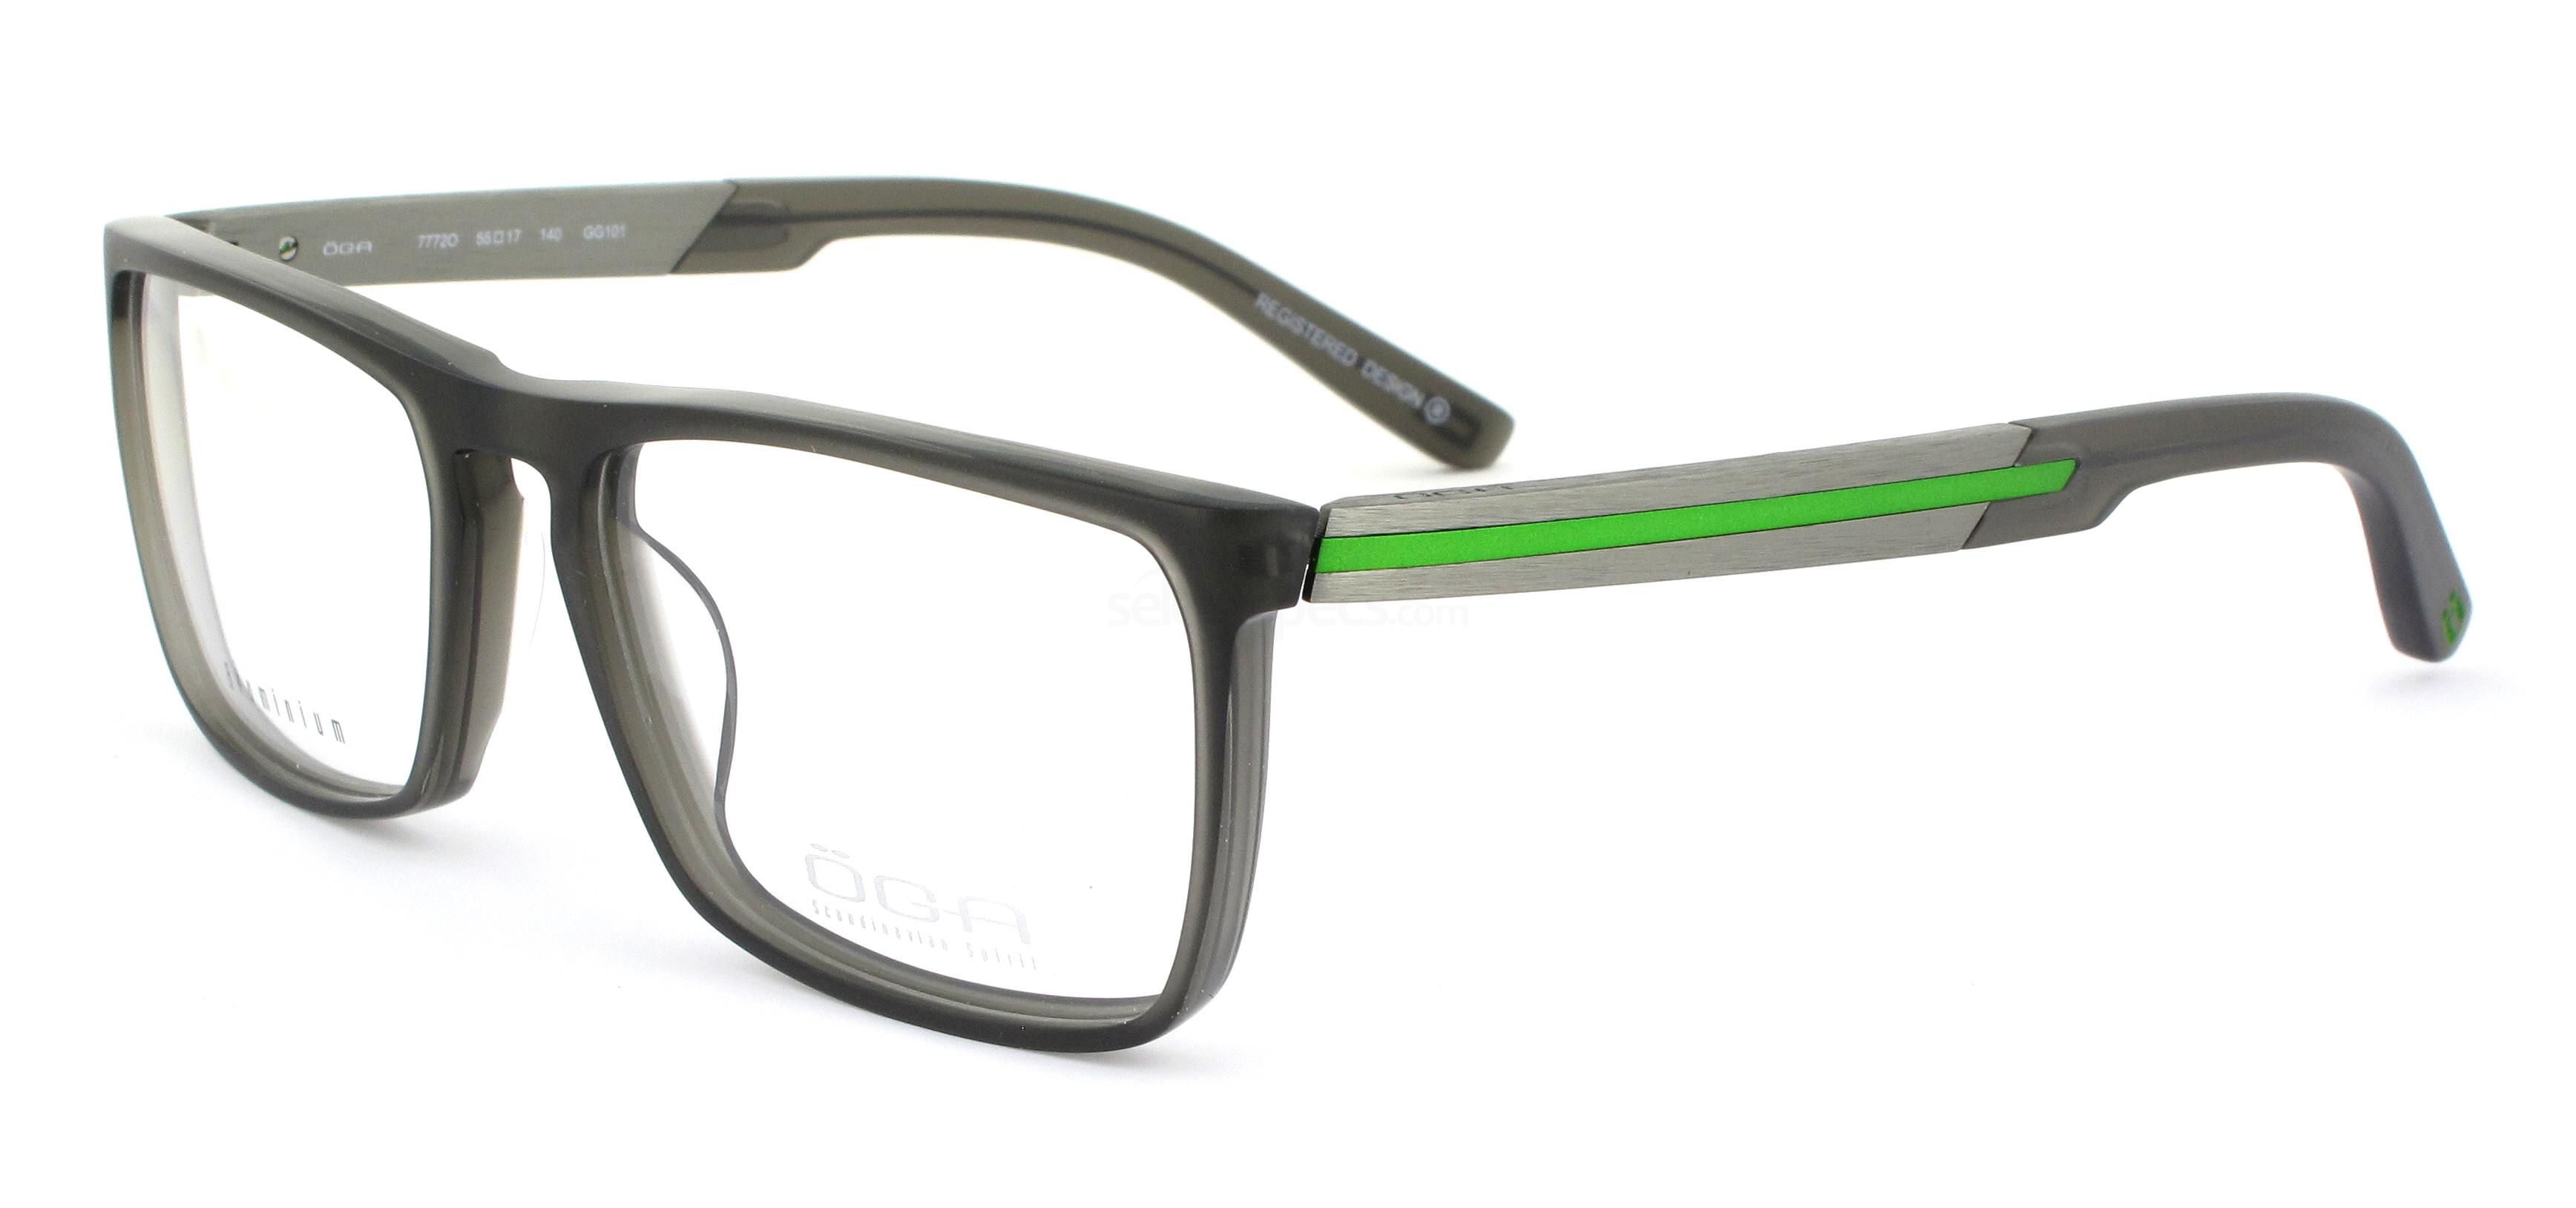 GG101 7772O TANGER 3 Glasses, ÖGA Scandinavian Spirit